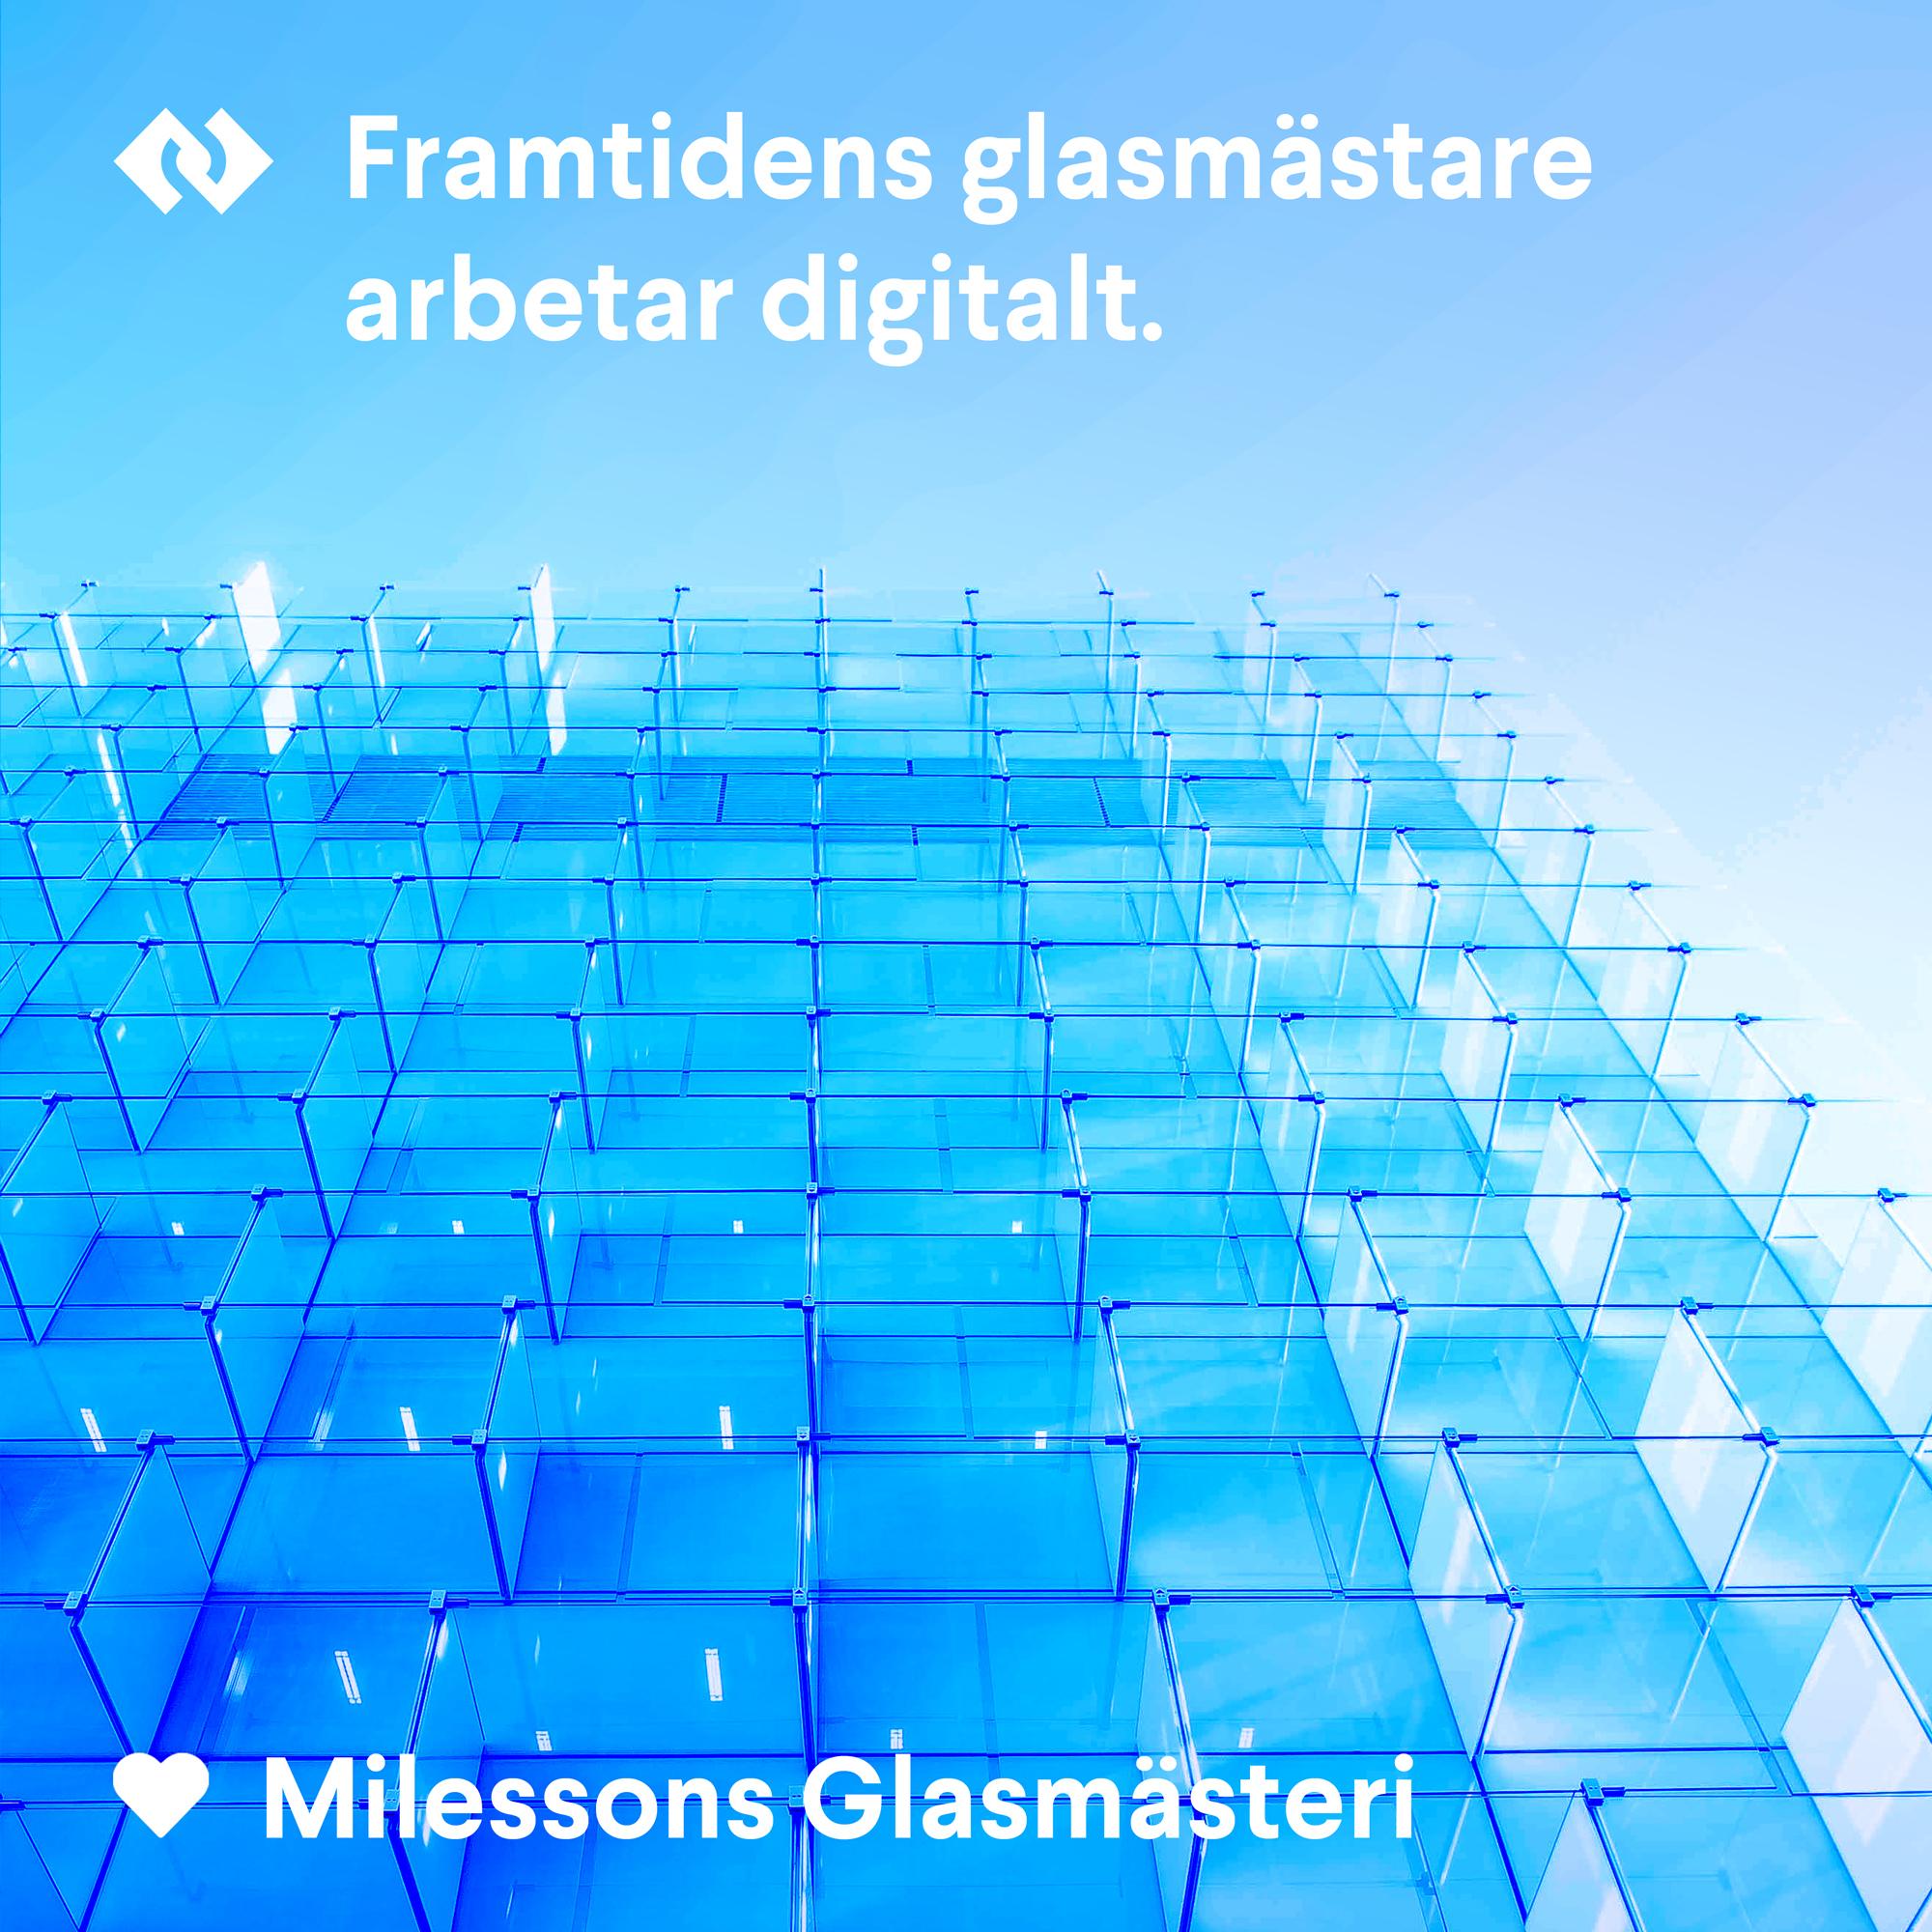 Framtidens glasmästare arbetar digitalt